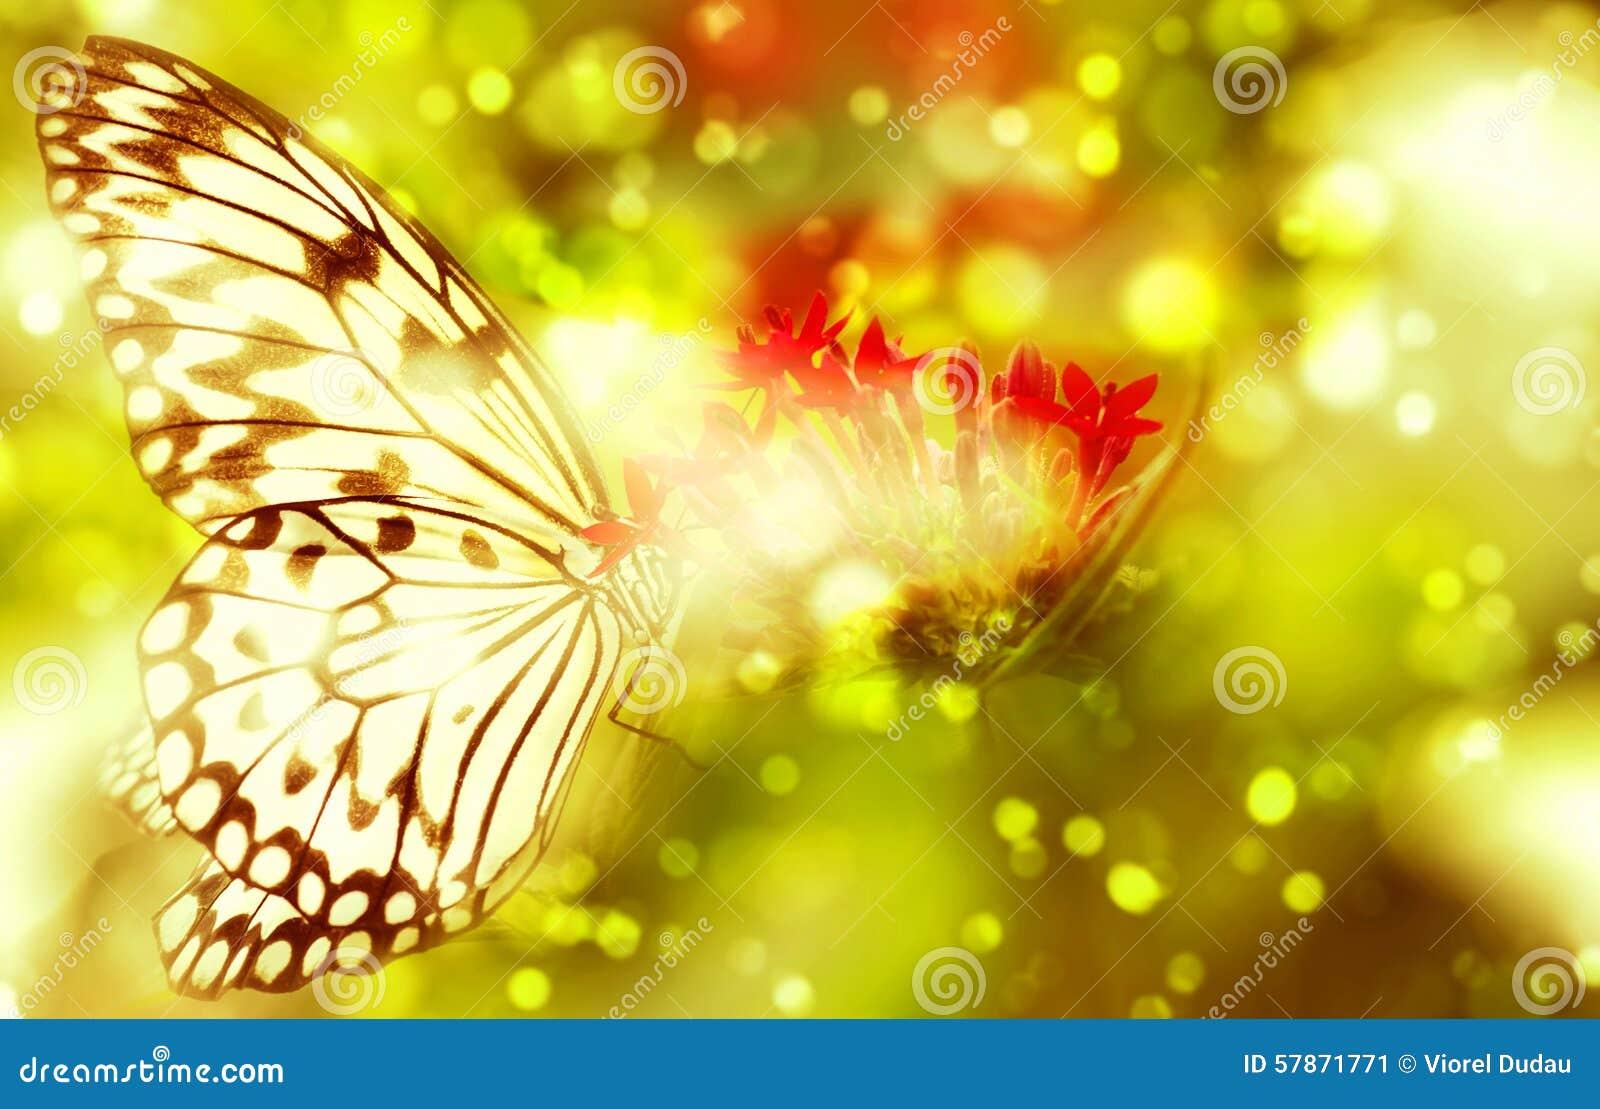 Fantasievlinder op bloem